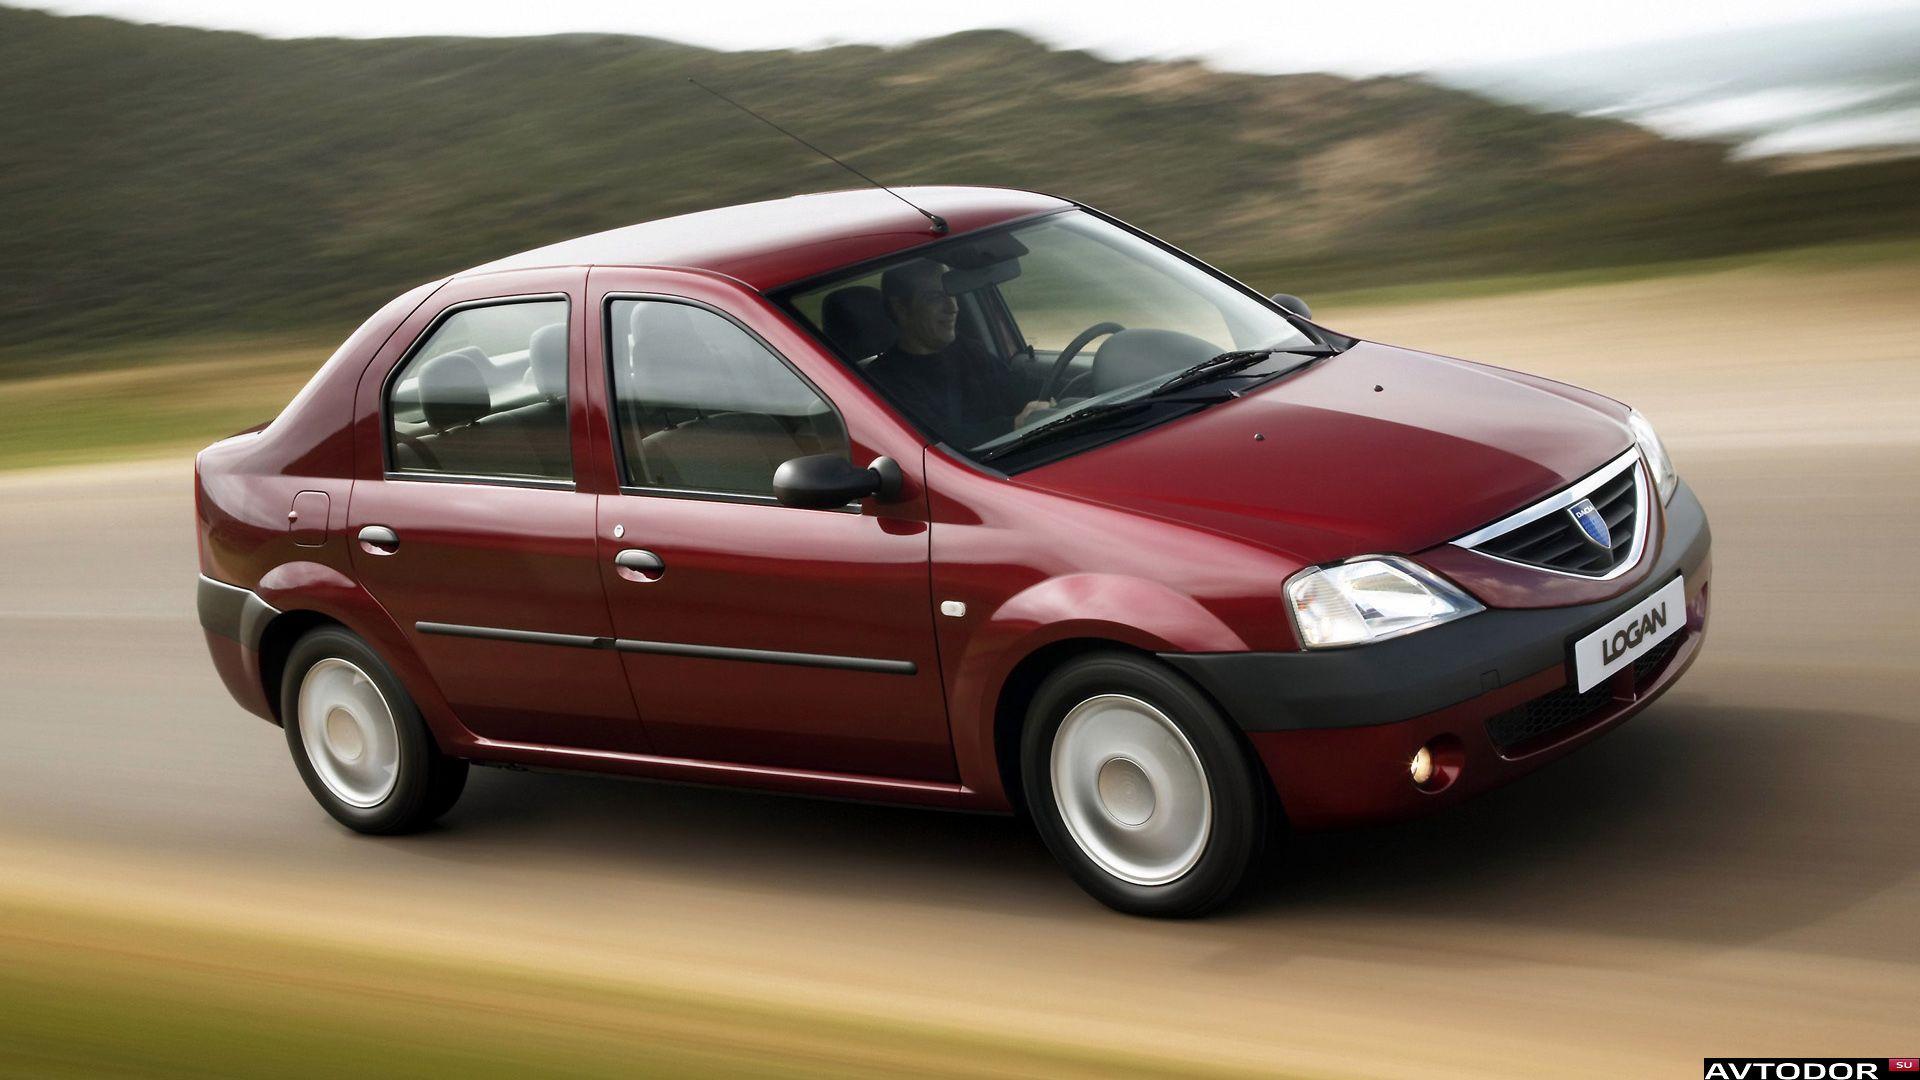 Dacia Logan 2006 bestcarmag com 2006-dacia-logan-1307268-9037142